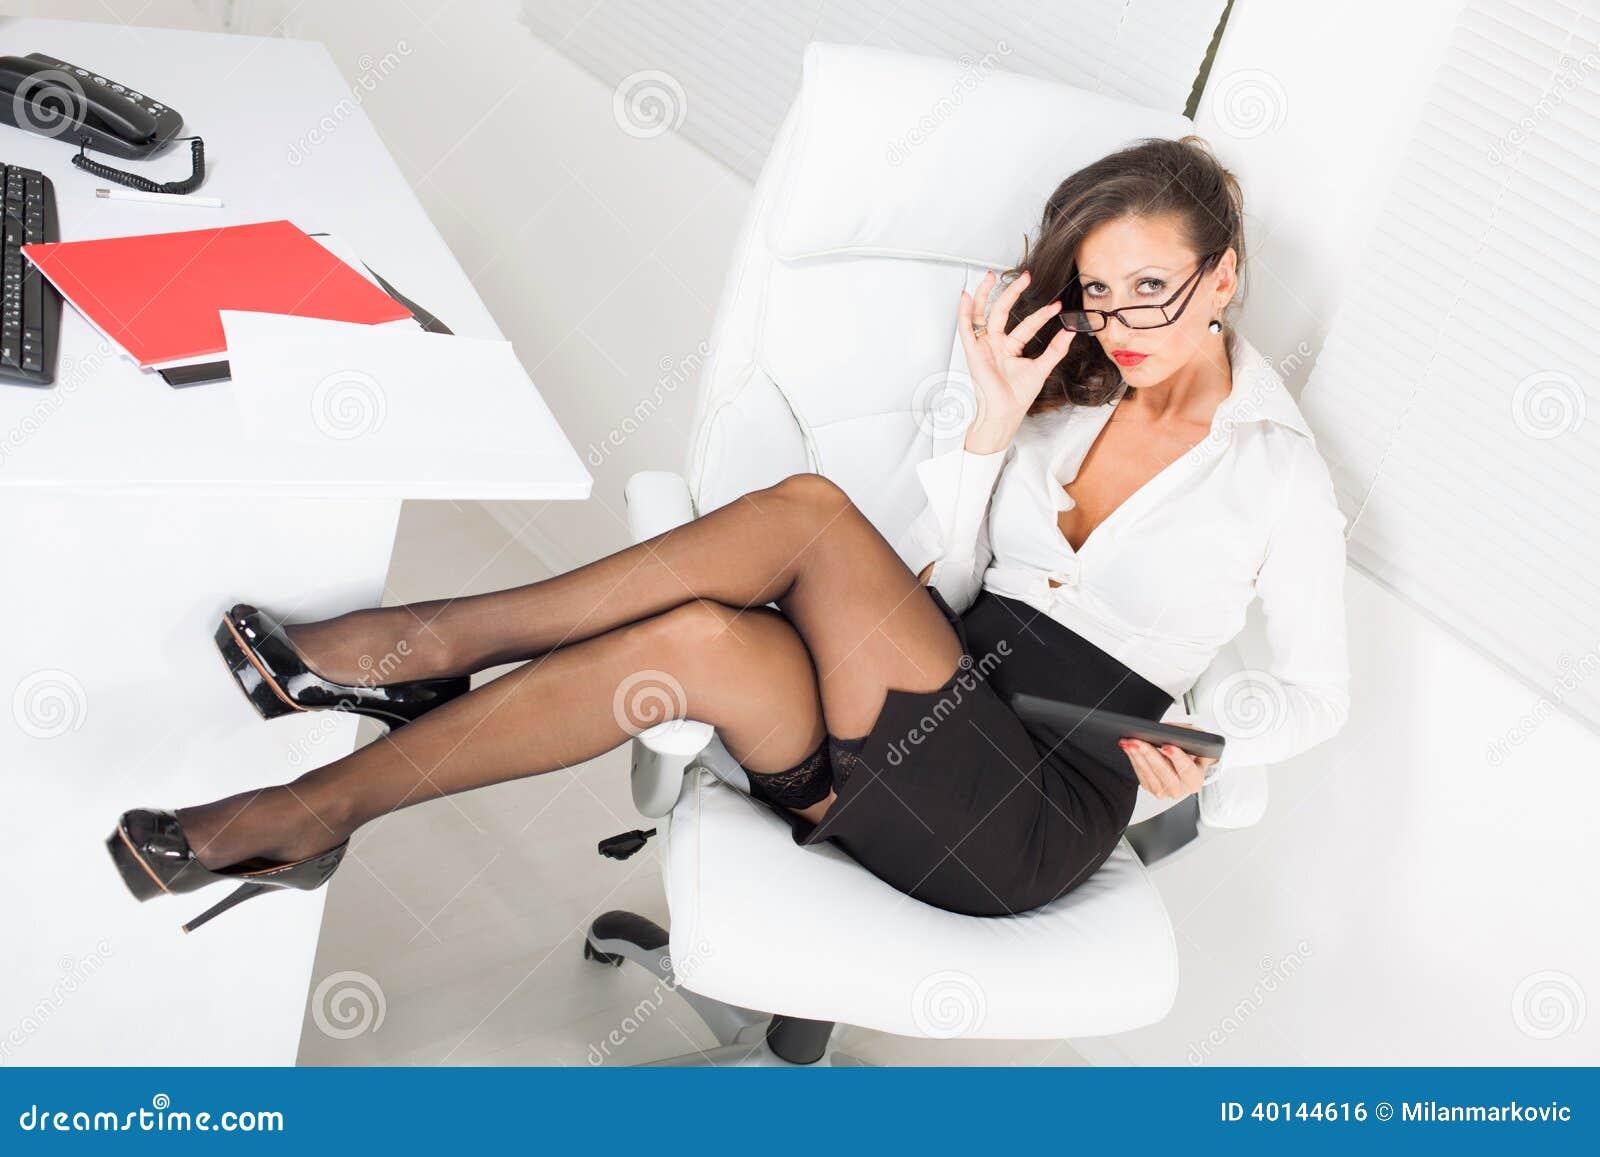 Сексуальная деловая женщина 8 фотография